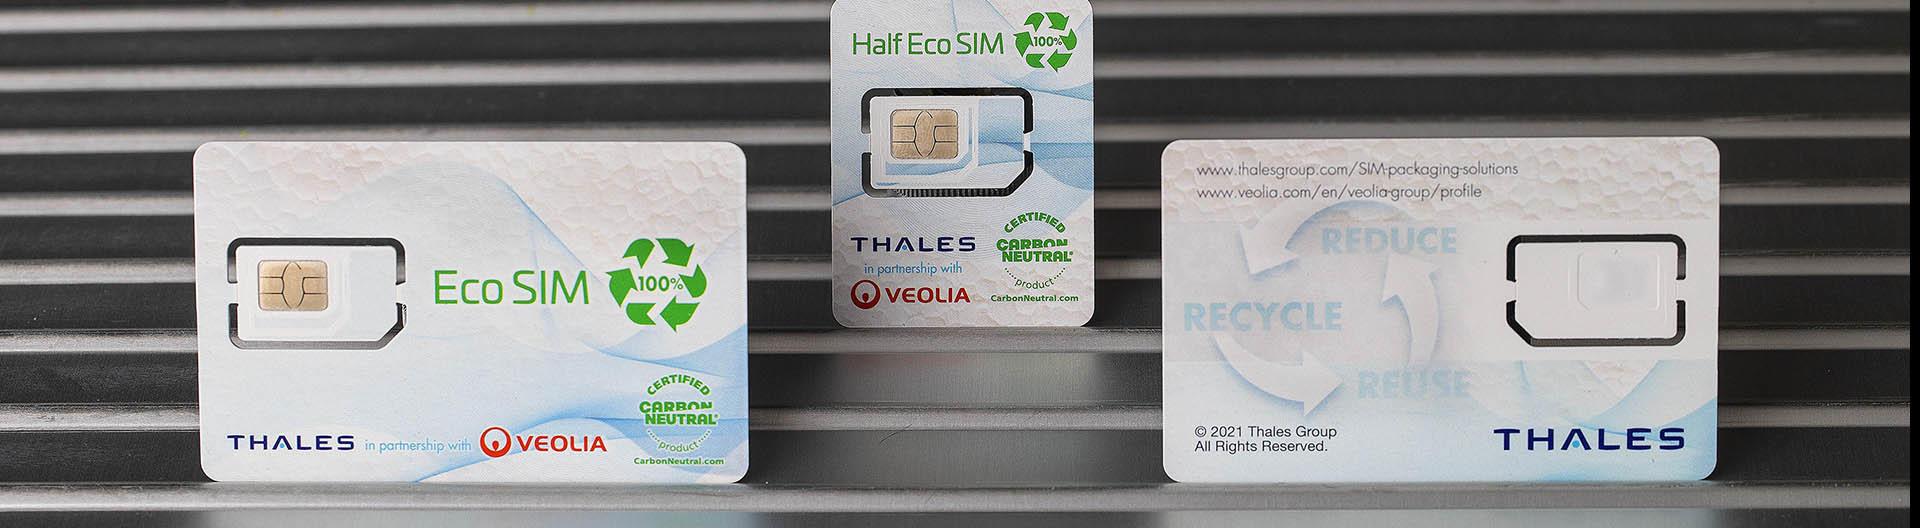 Una tarjeta SIM fabricada con frigoríficos reciclados